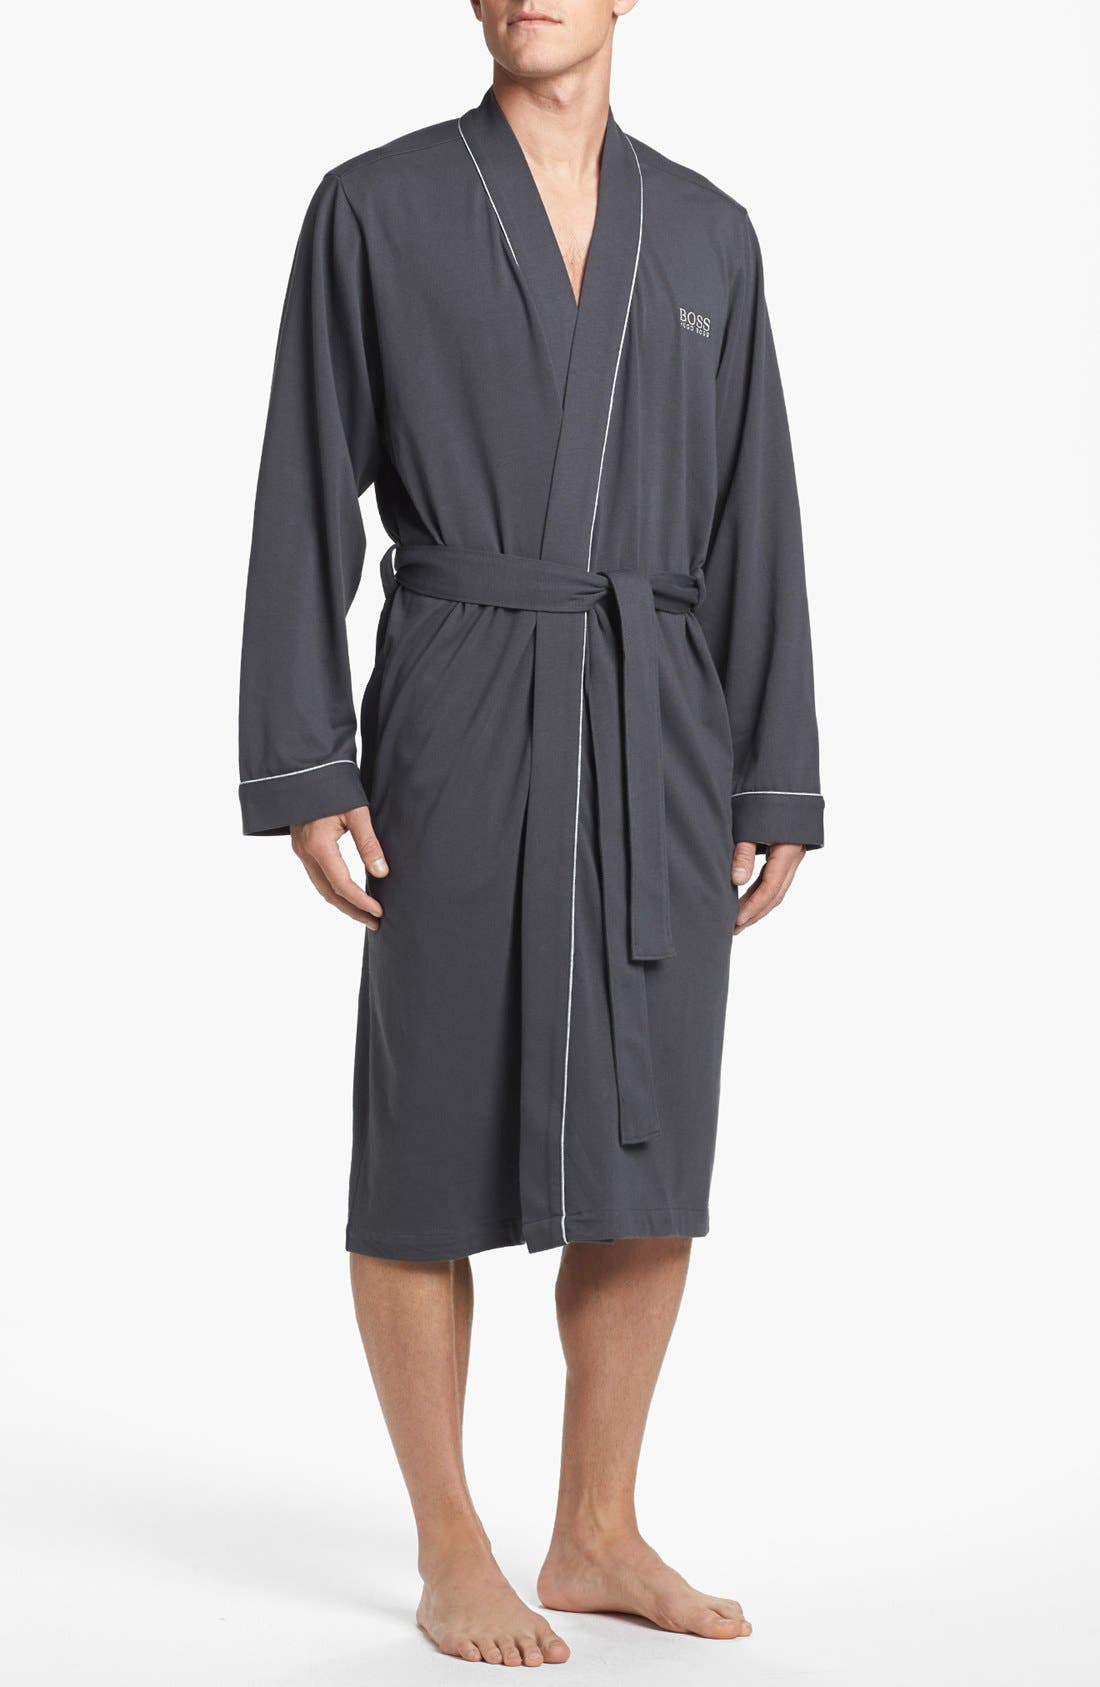 Main Image - BOSS HUGO BOSS 'Innovation 4' Robe